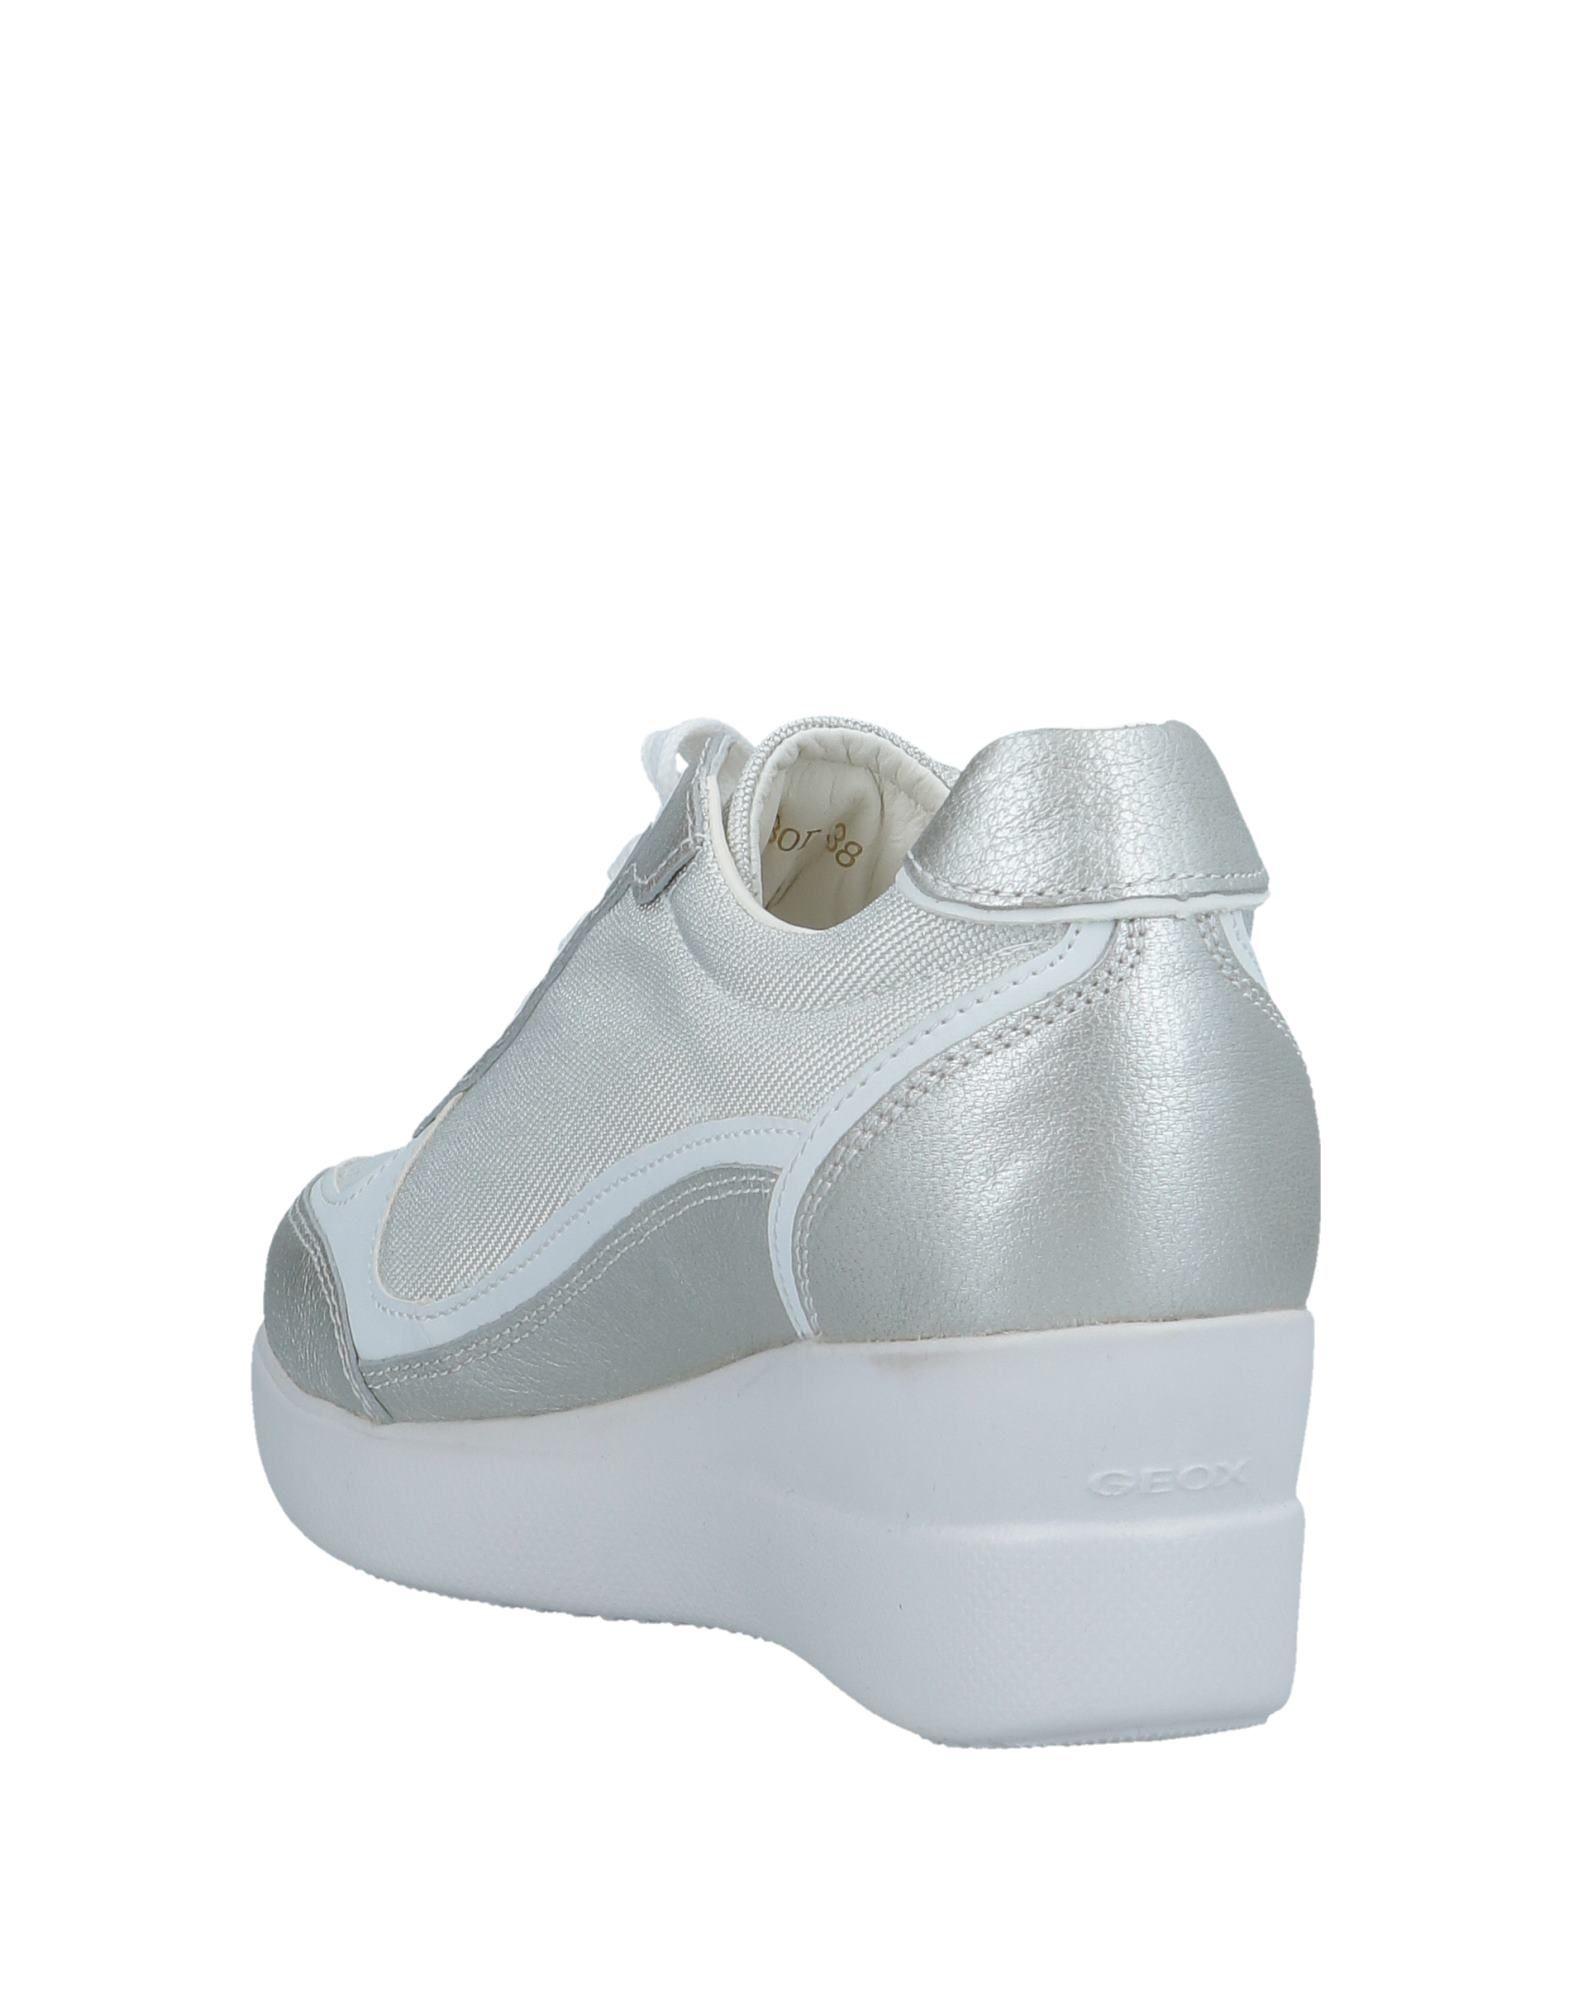 Sneakers - Geox Donna - Sneakers 11554484DN elegante 41c0d2